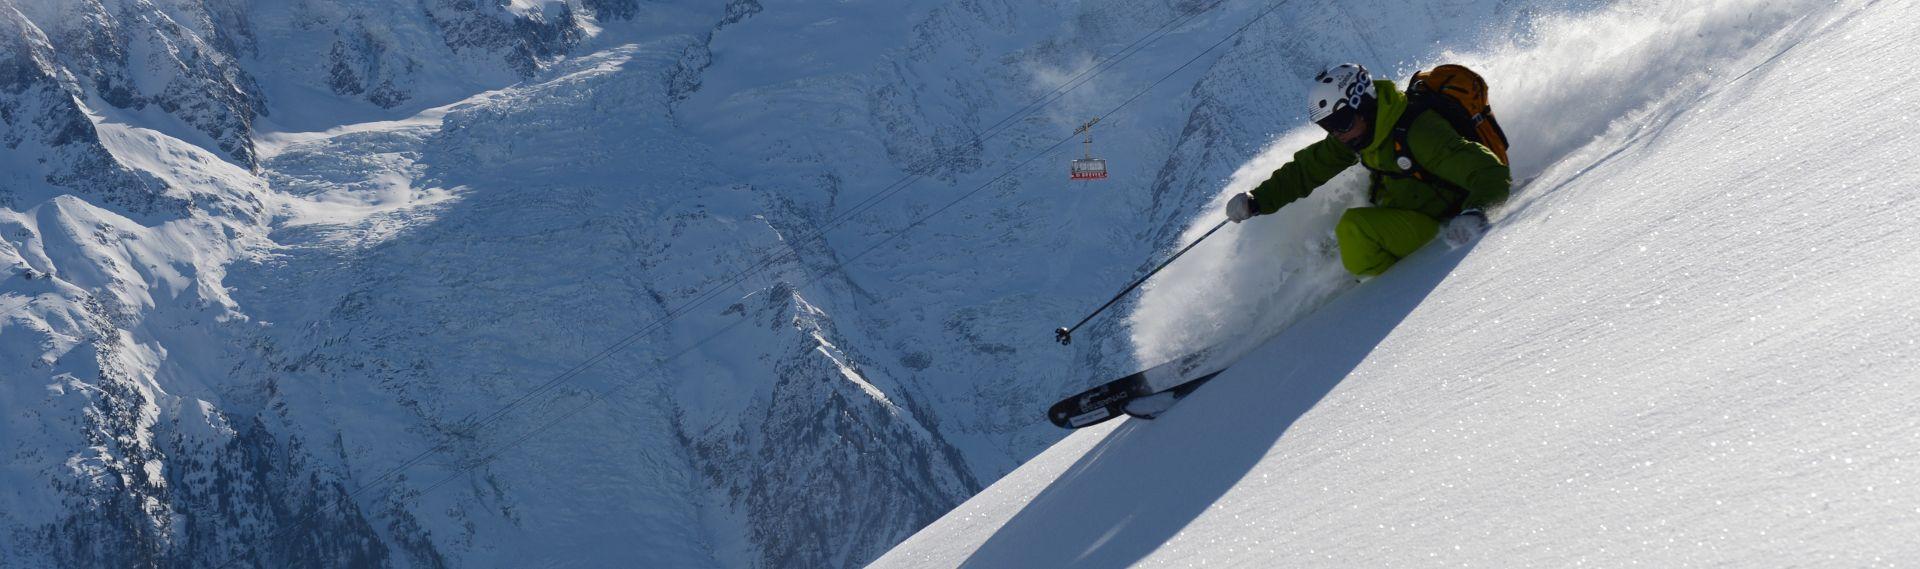 Aurélien-D-Double Champion du Monde de ski freeride-3